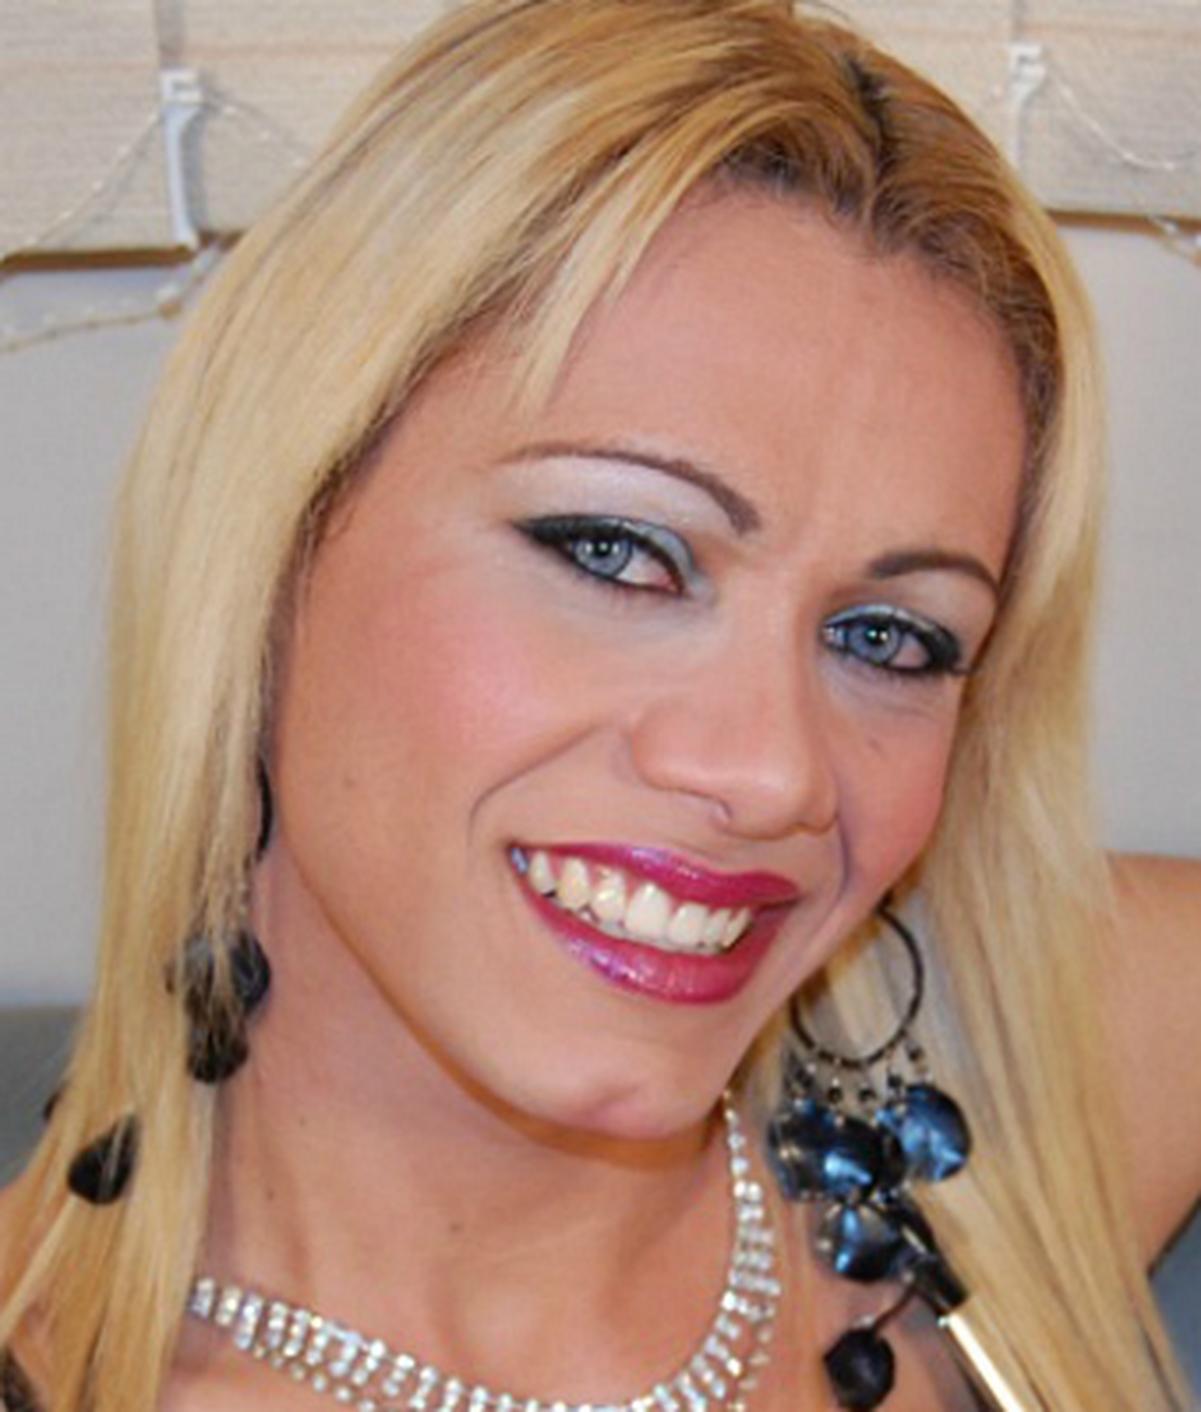 Agatha Mccartney